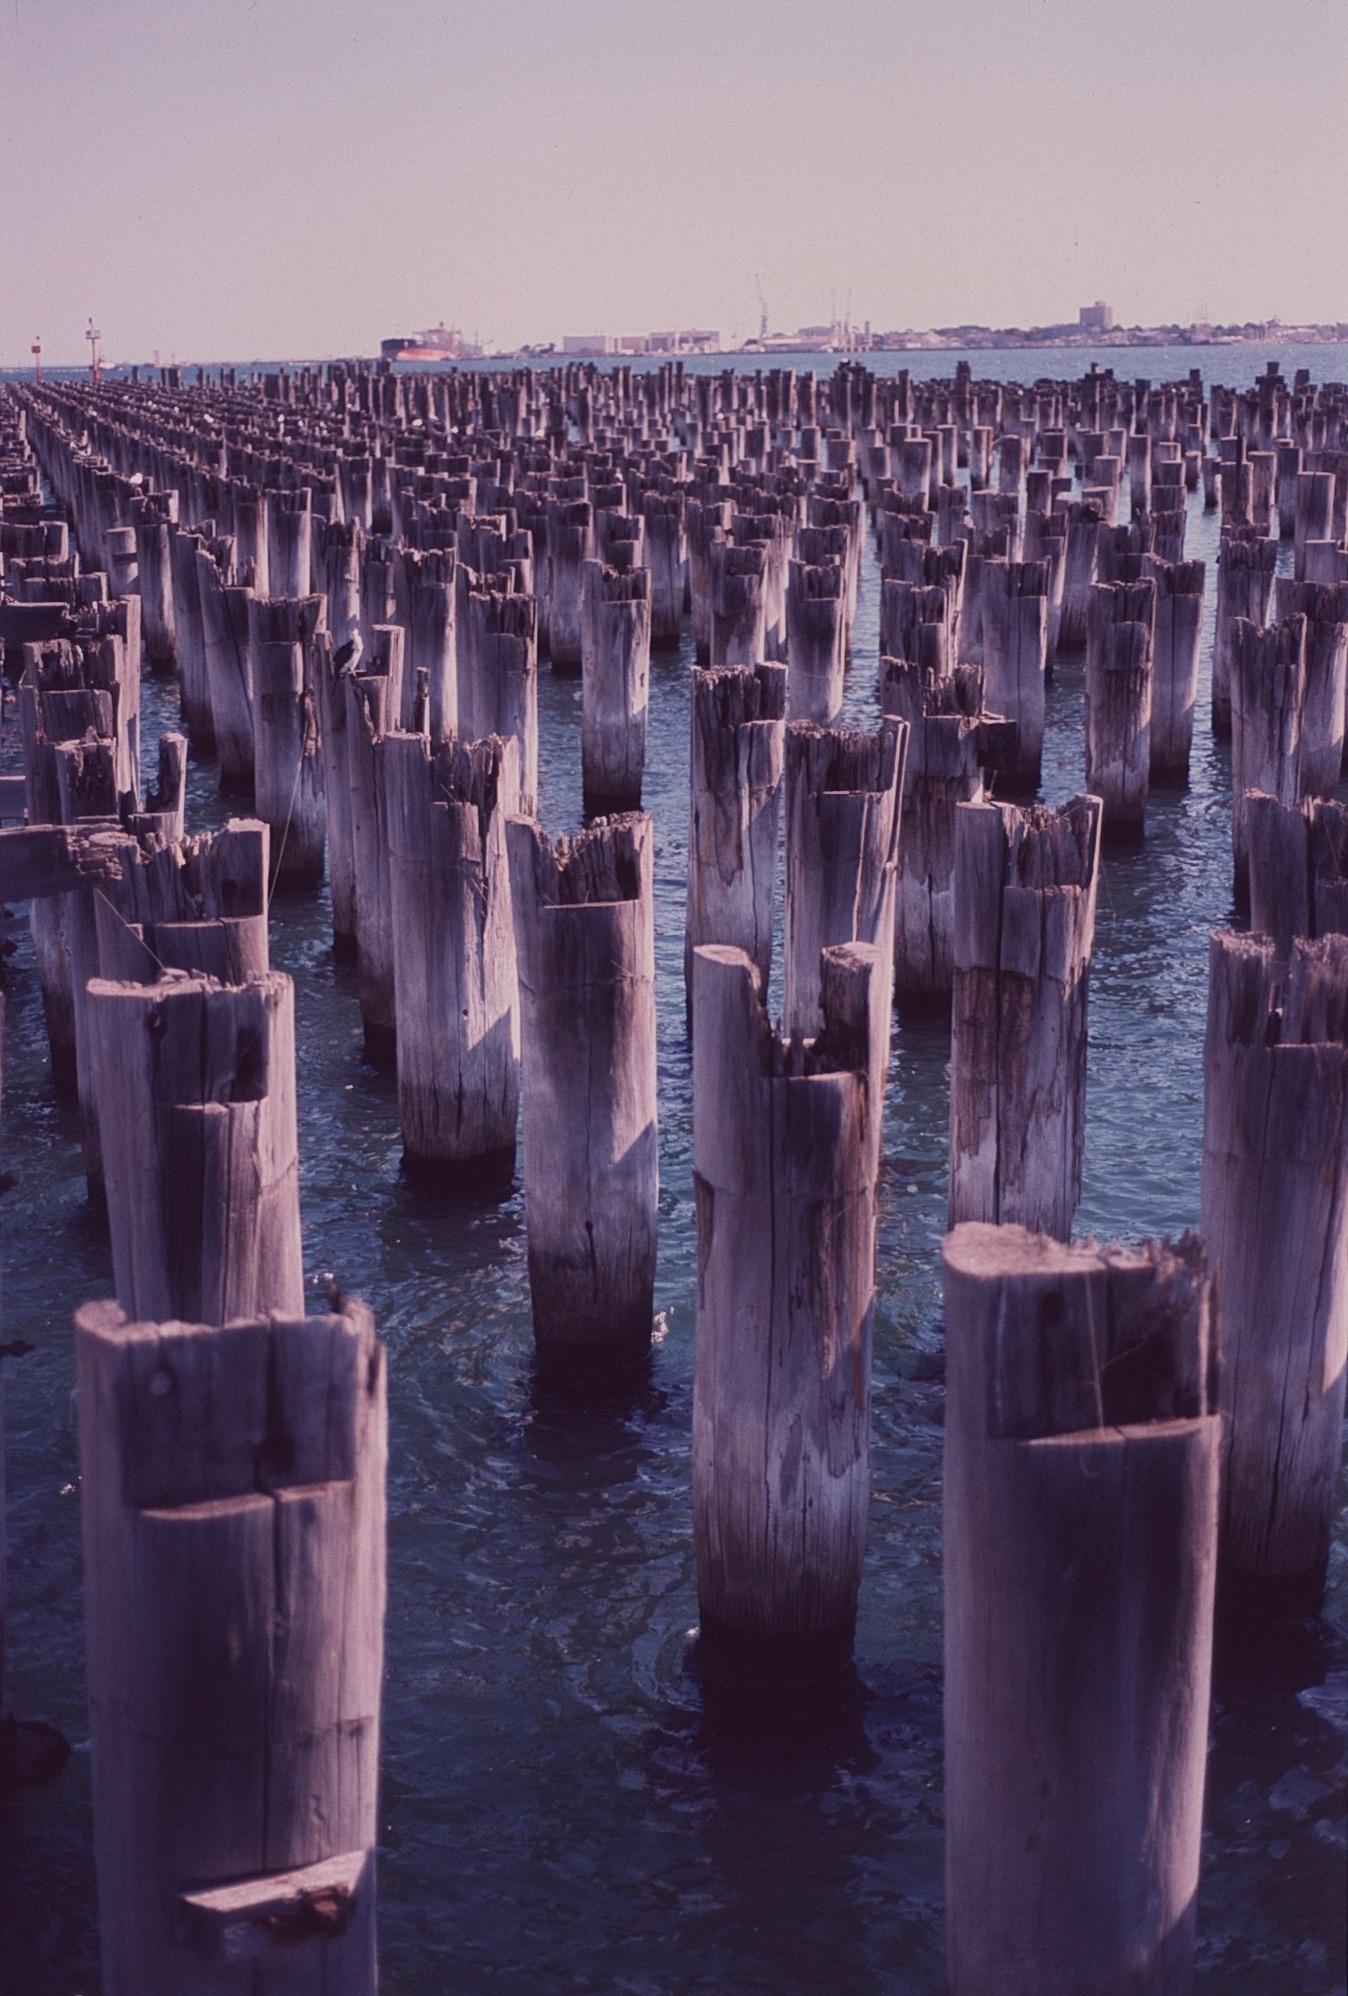 The Pier is Gone by Daniel Lockhart